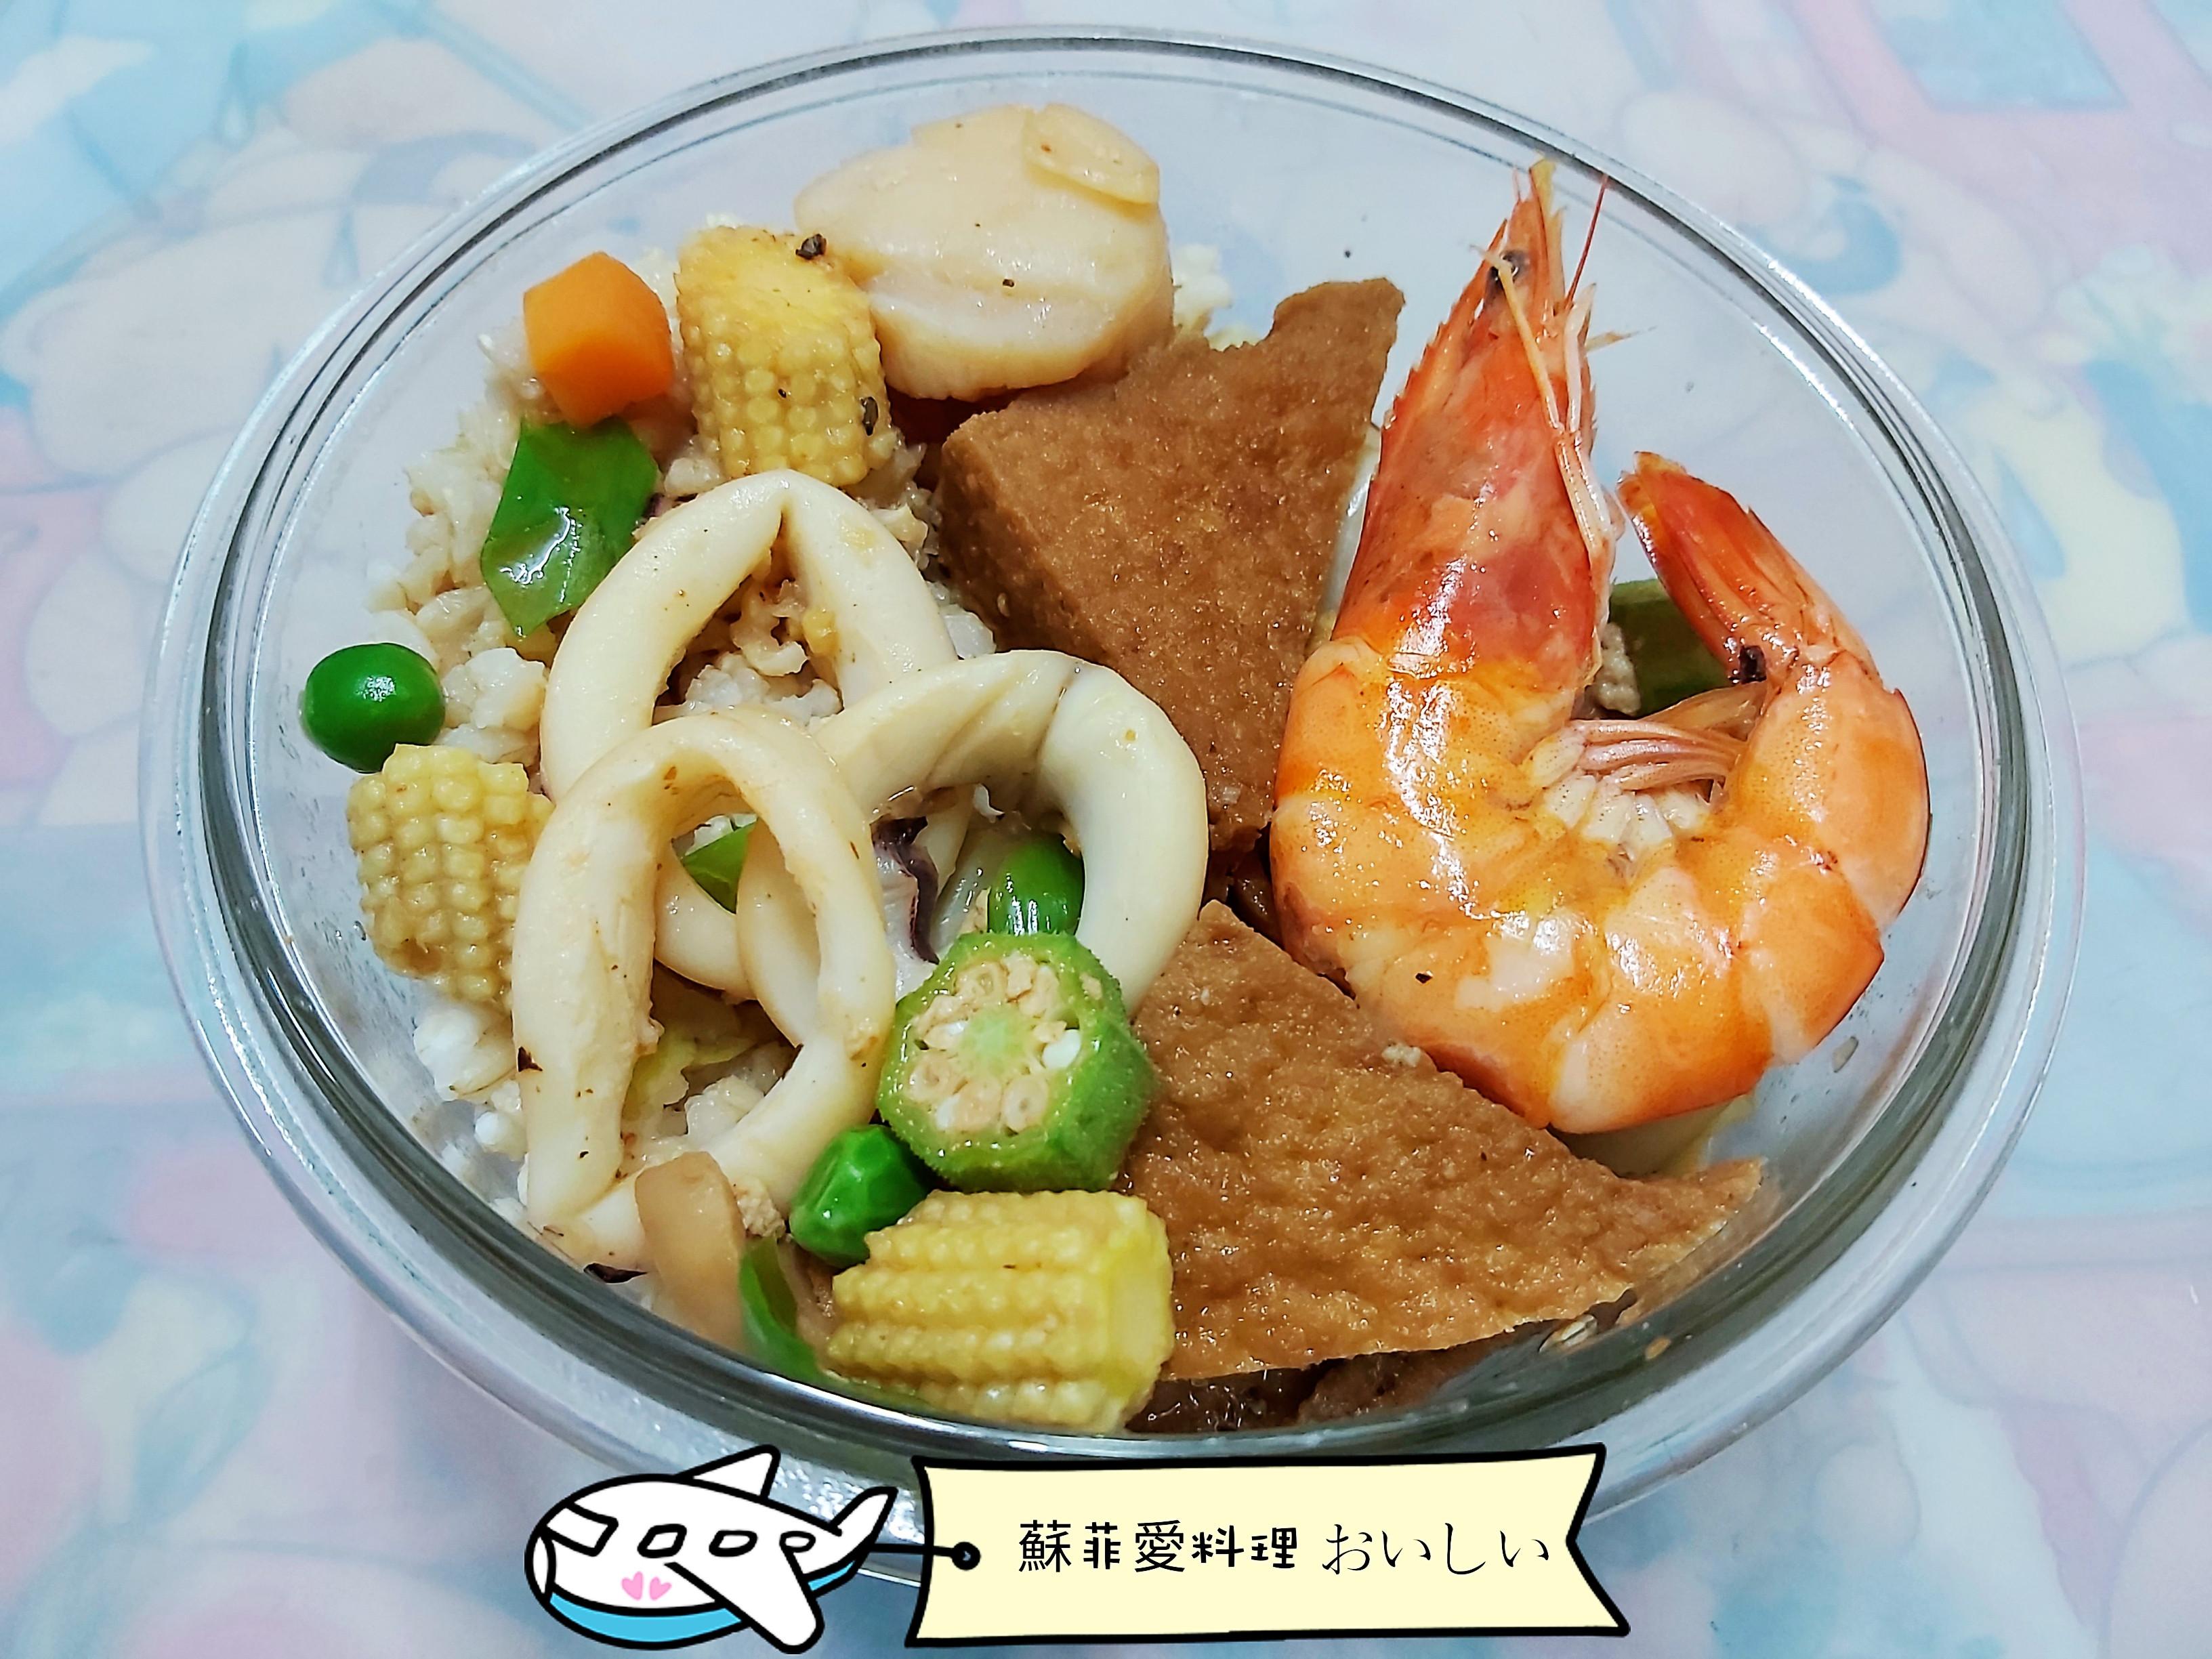 海鮮油豆腐蓋飯